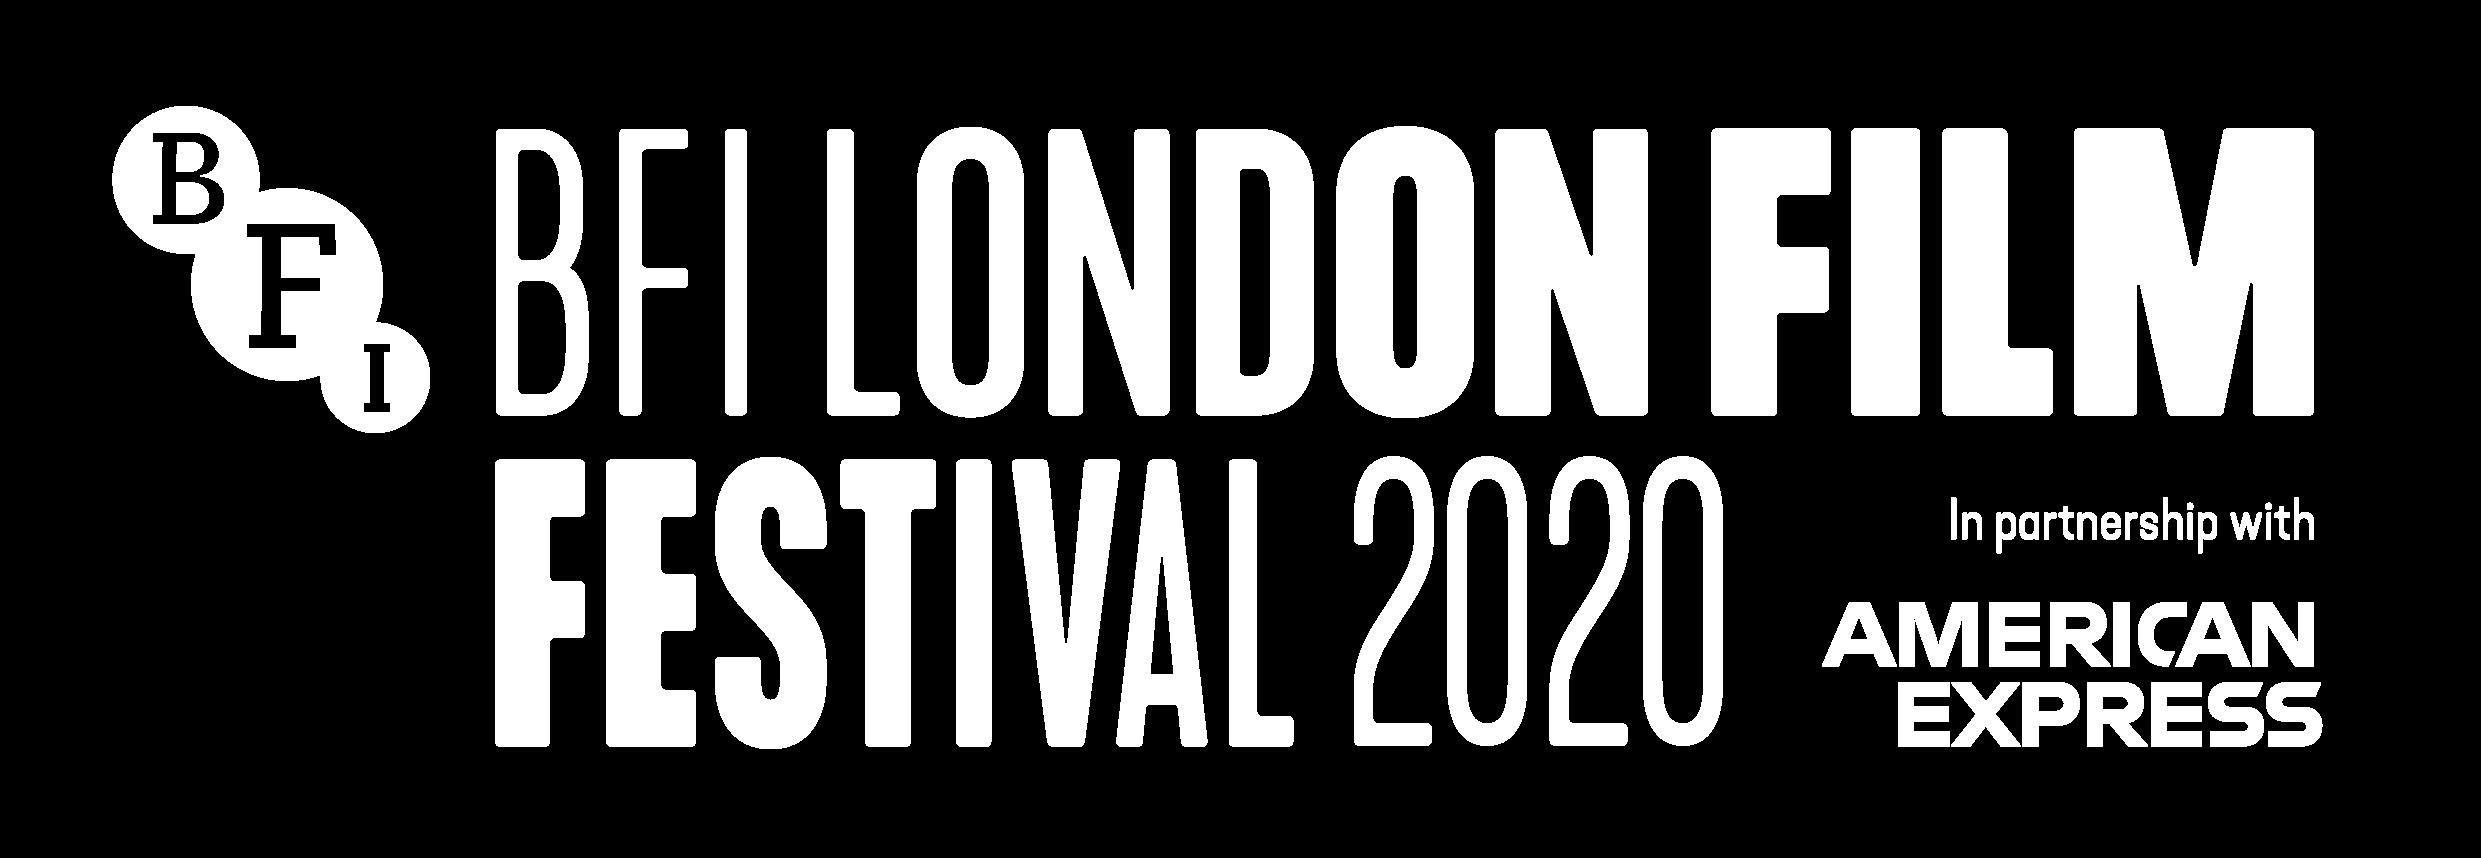 London Film Festival 2020